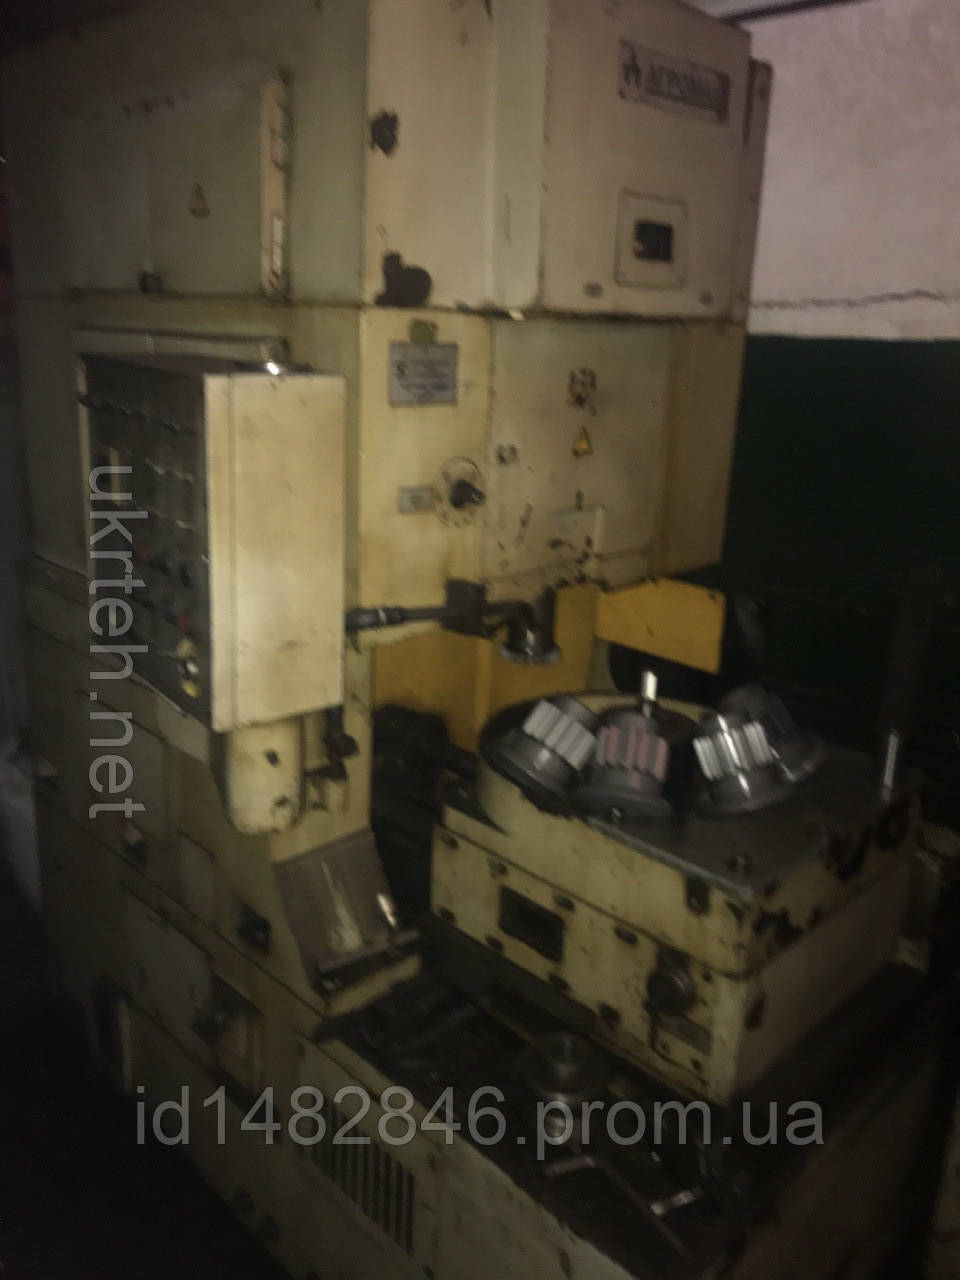 Станок зубодолбежный полуавтомат 5А122